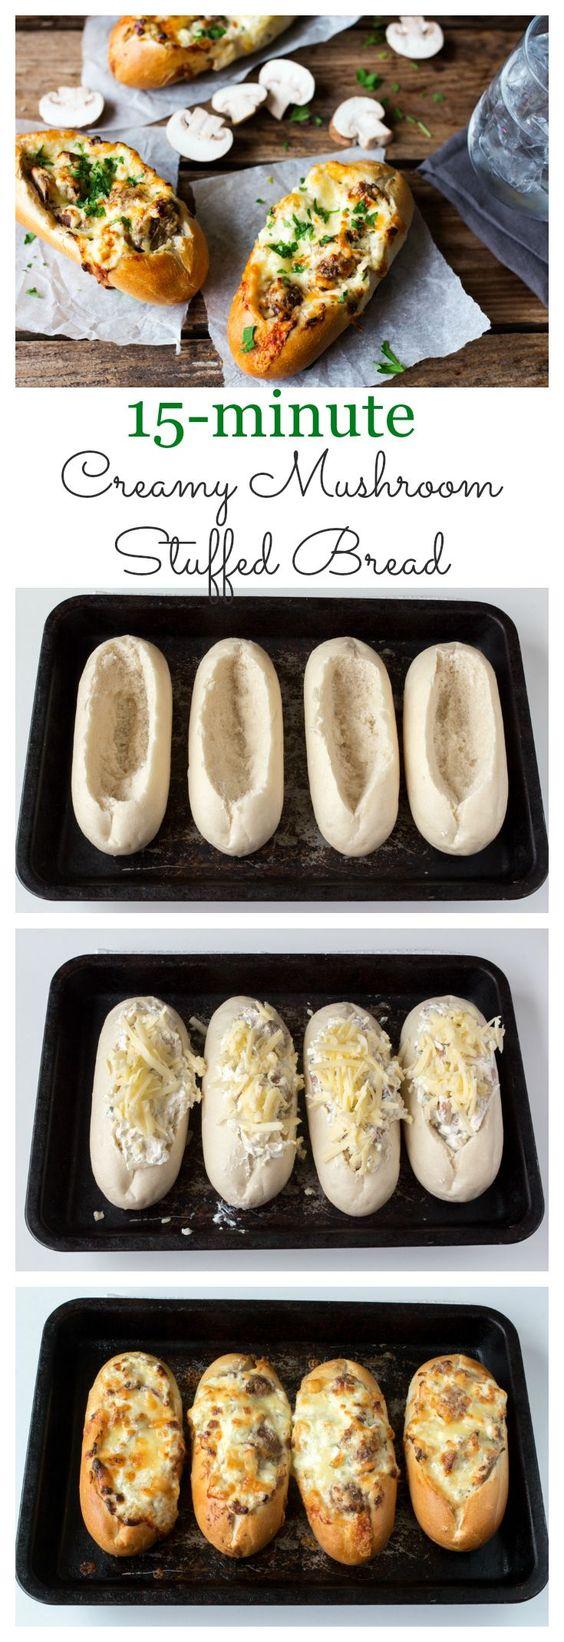 Pan cremoso relleno de ajo y champiñones. [INGLÉS]